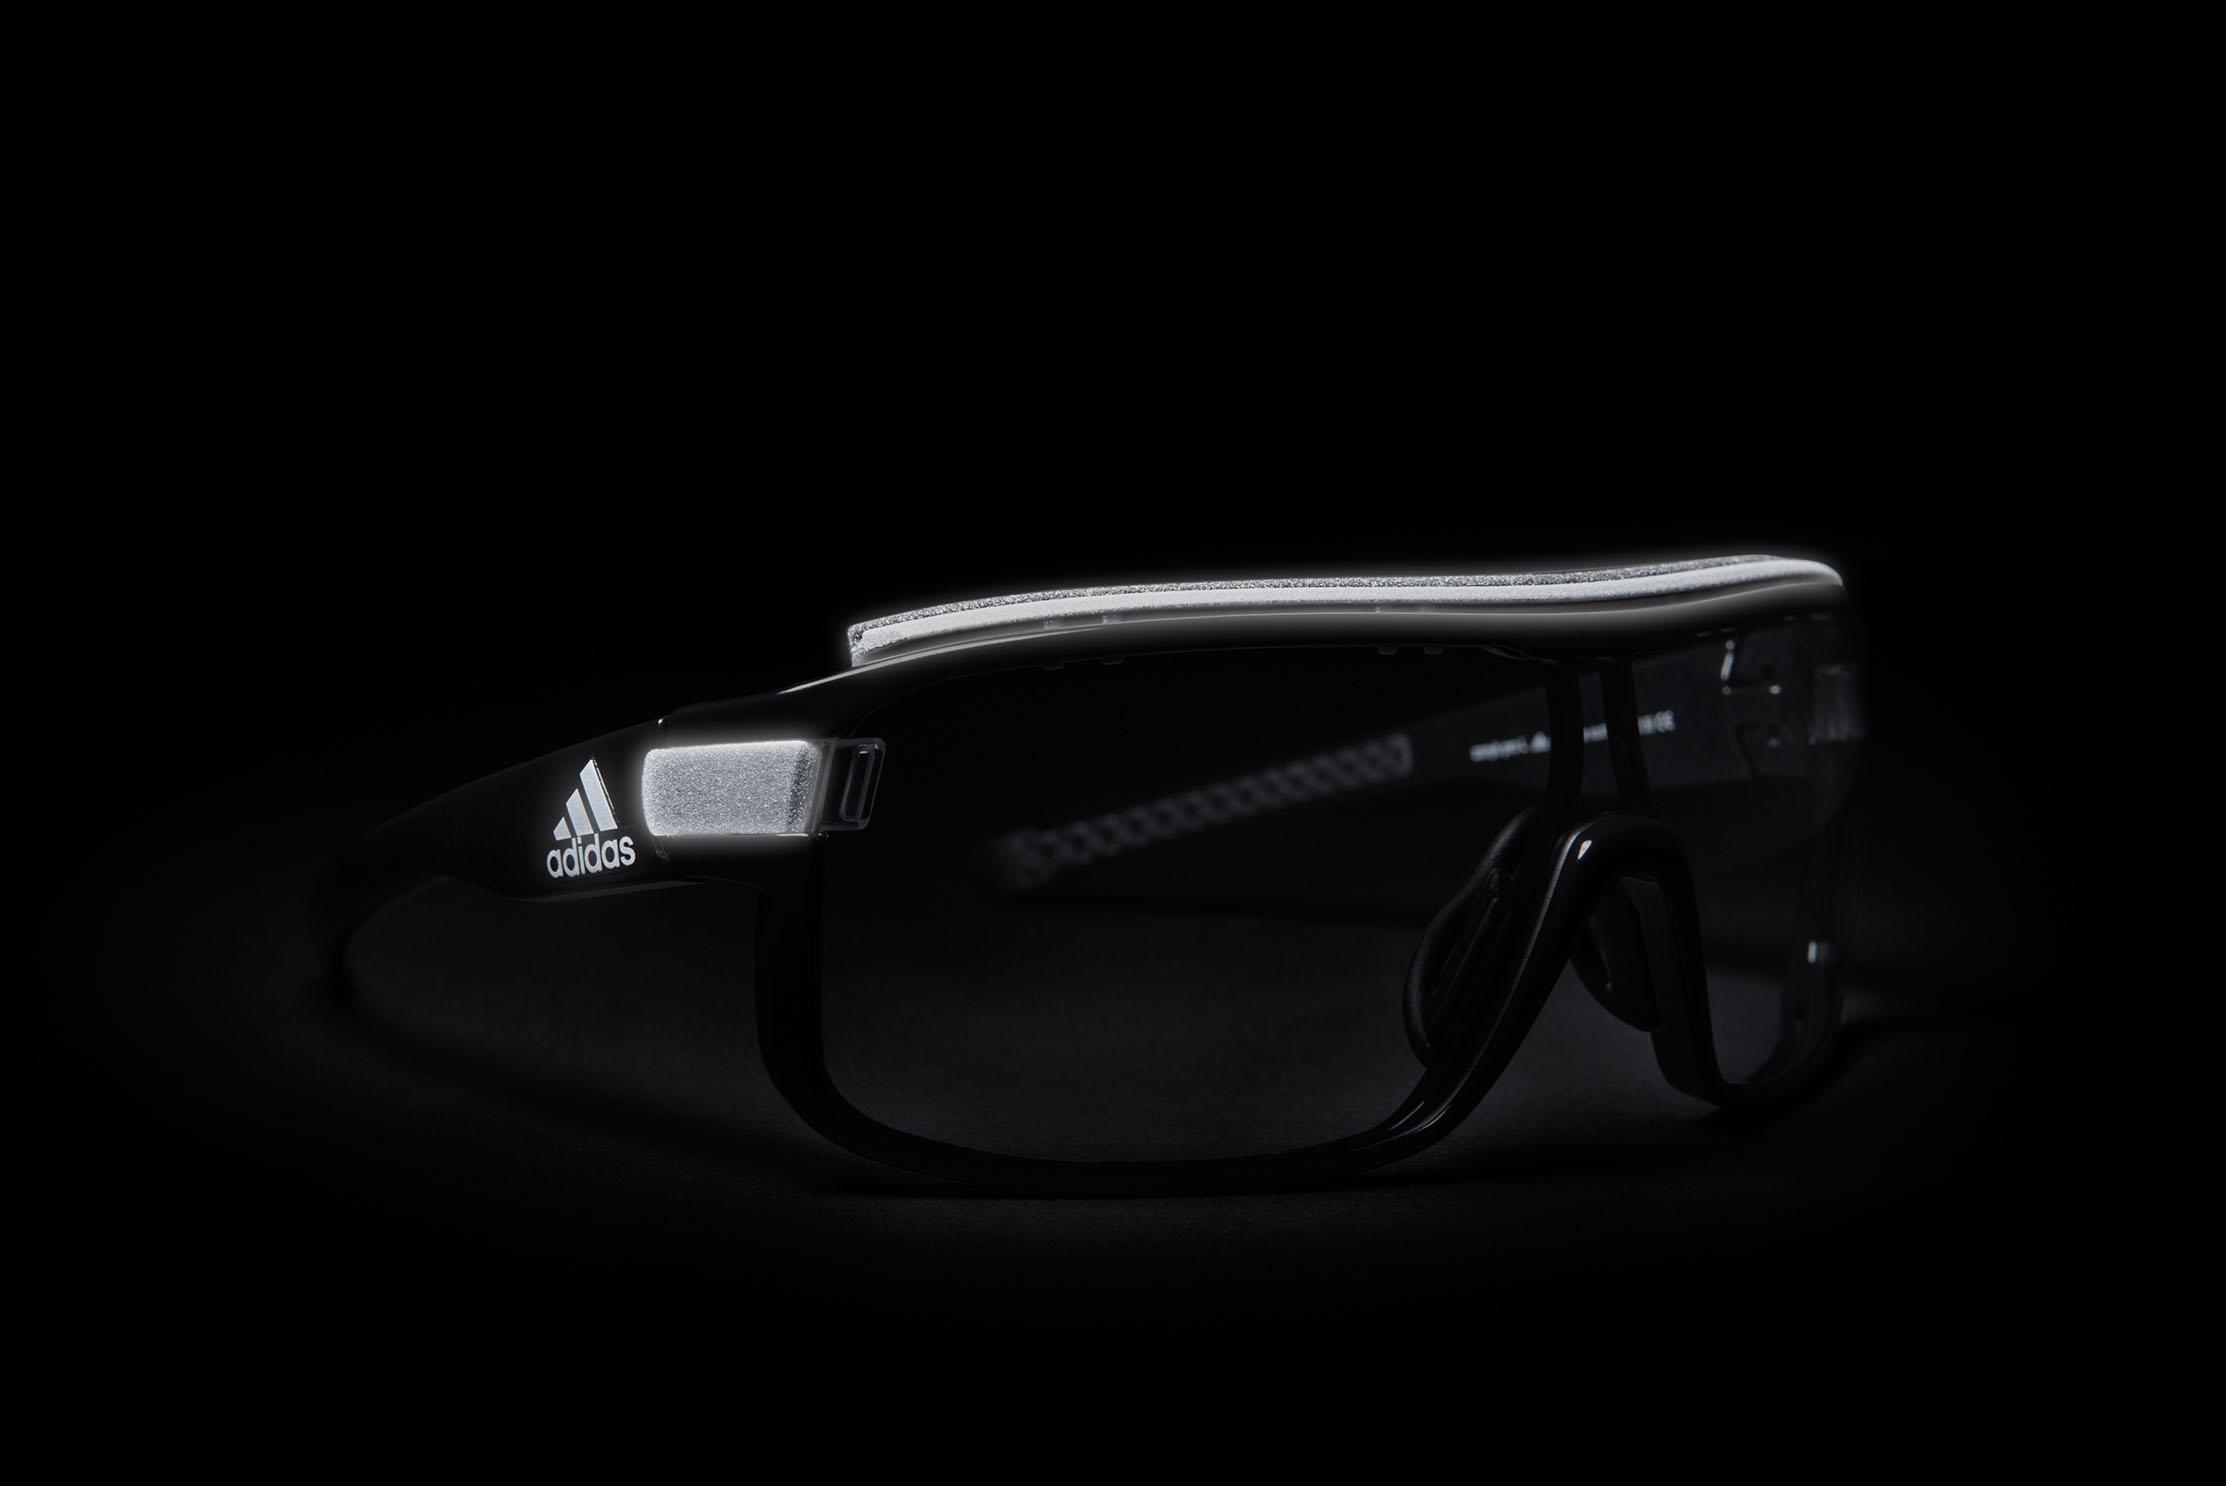 Sehen und gesehen werden. Mit ihren reflektierenden Highlights am Rahmen und am Schweißblocker garantiert die zonyk pro Reflective verbesserte Sicht und damit erhöhte Sicherheit.